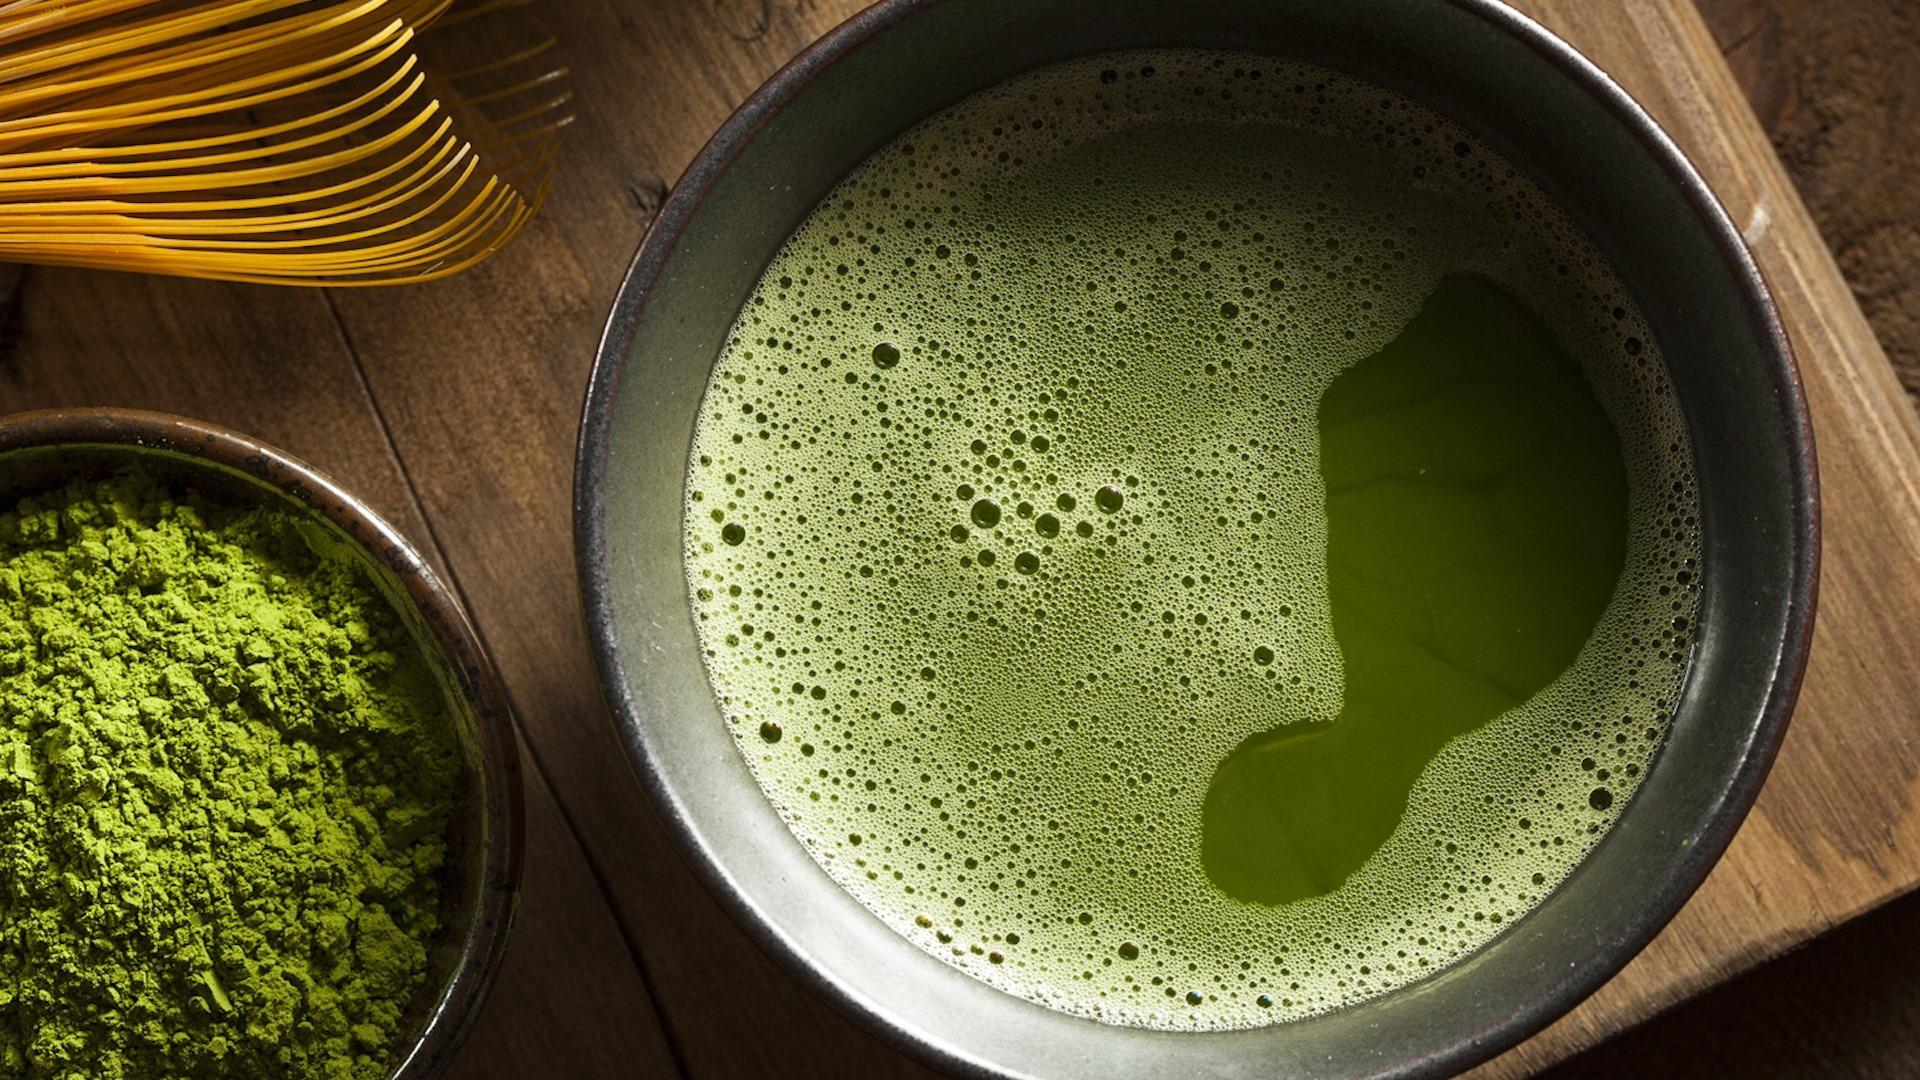 فوائد الشاي الأخضر للبشرة والوجه وأفضل أقنعة الشاي الأخضر لعلاج مشاكل البشرة زيادة